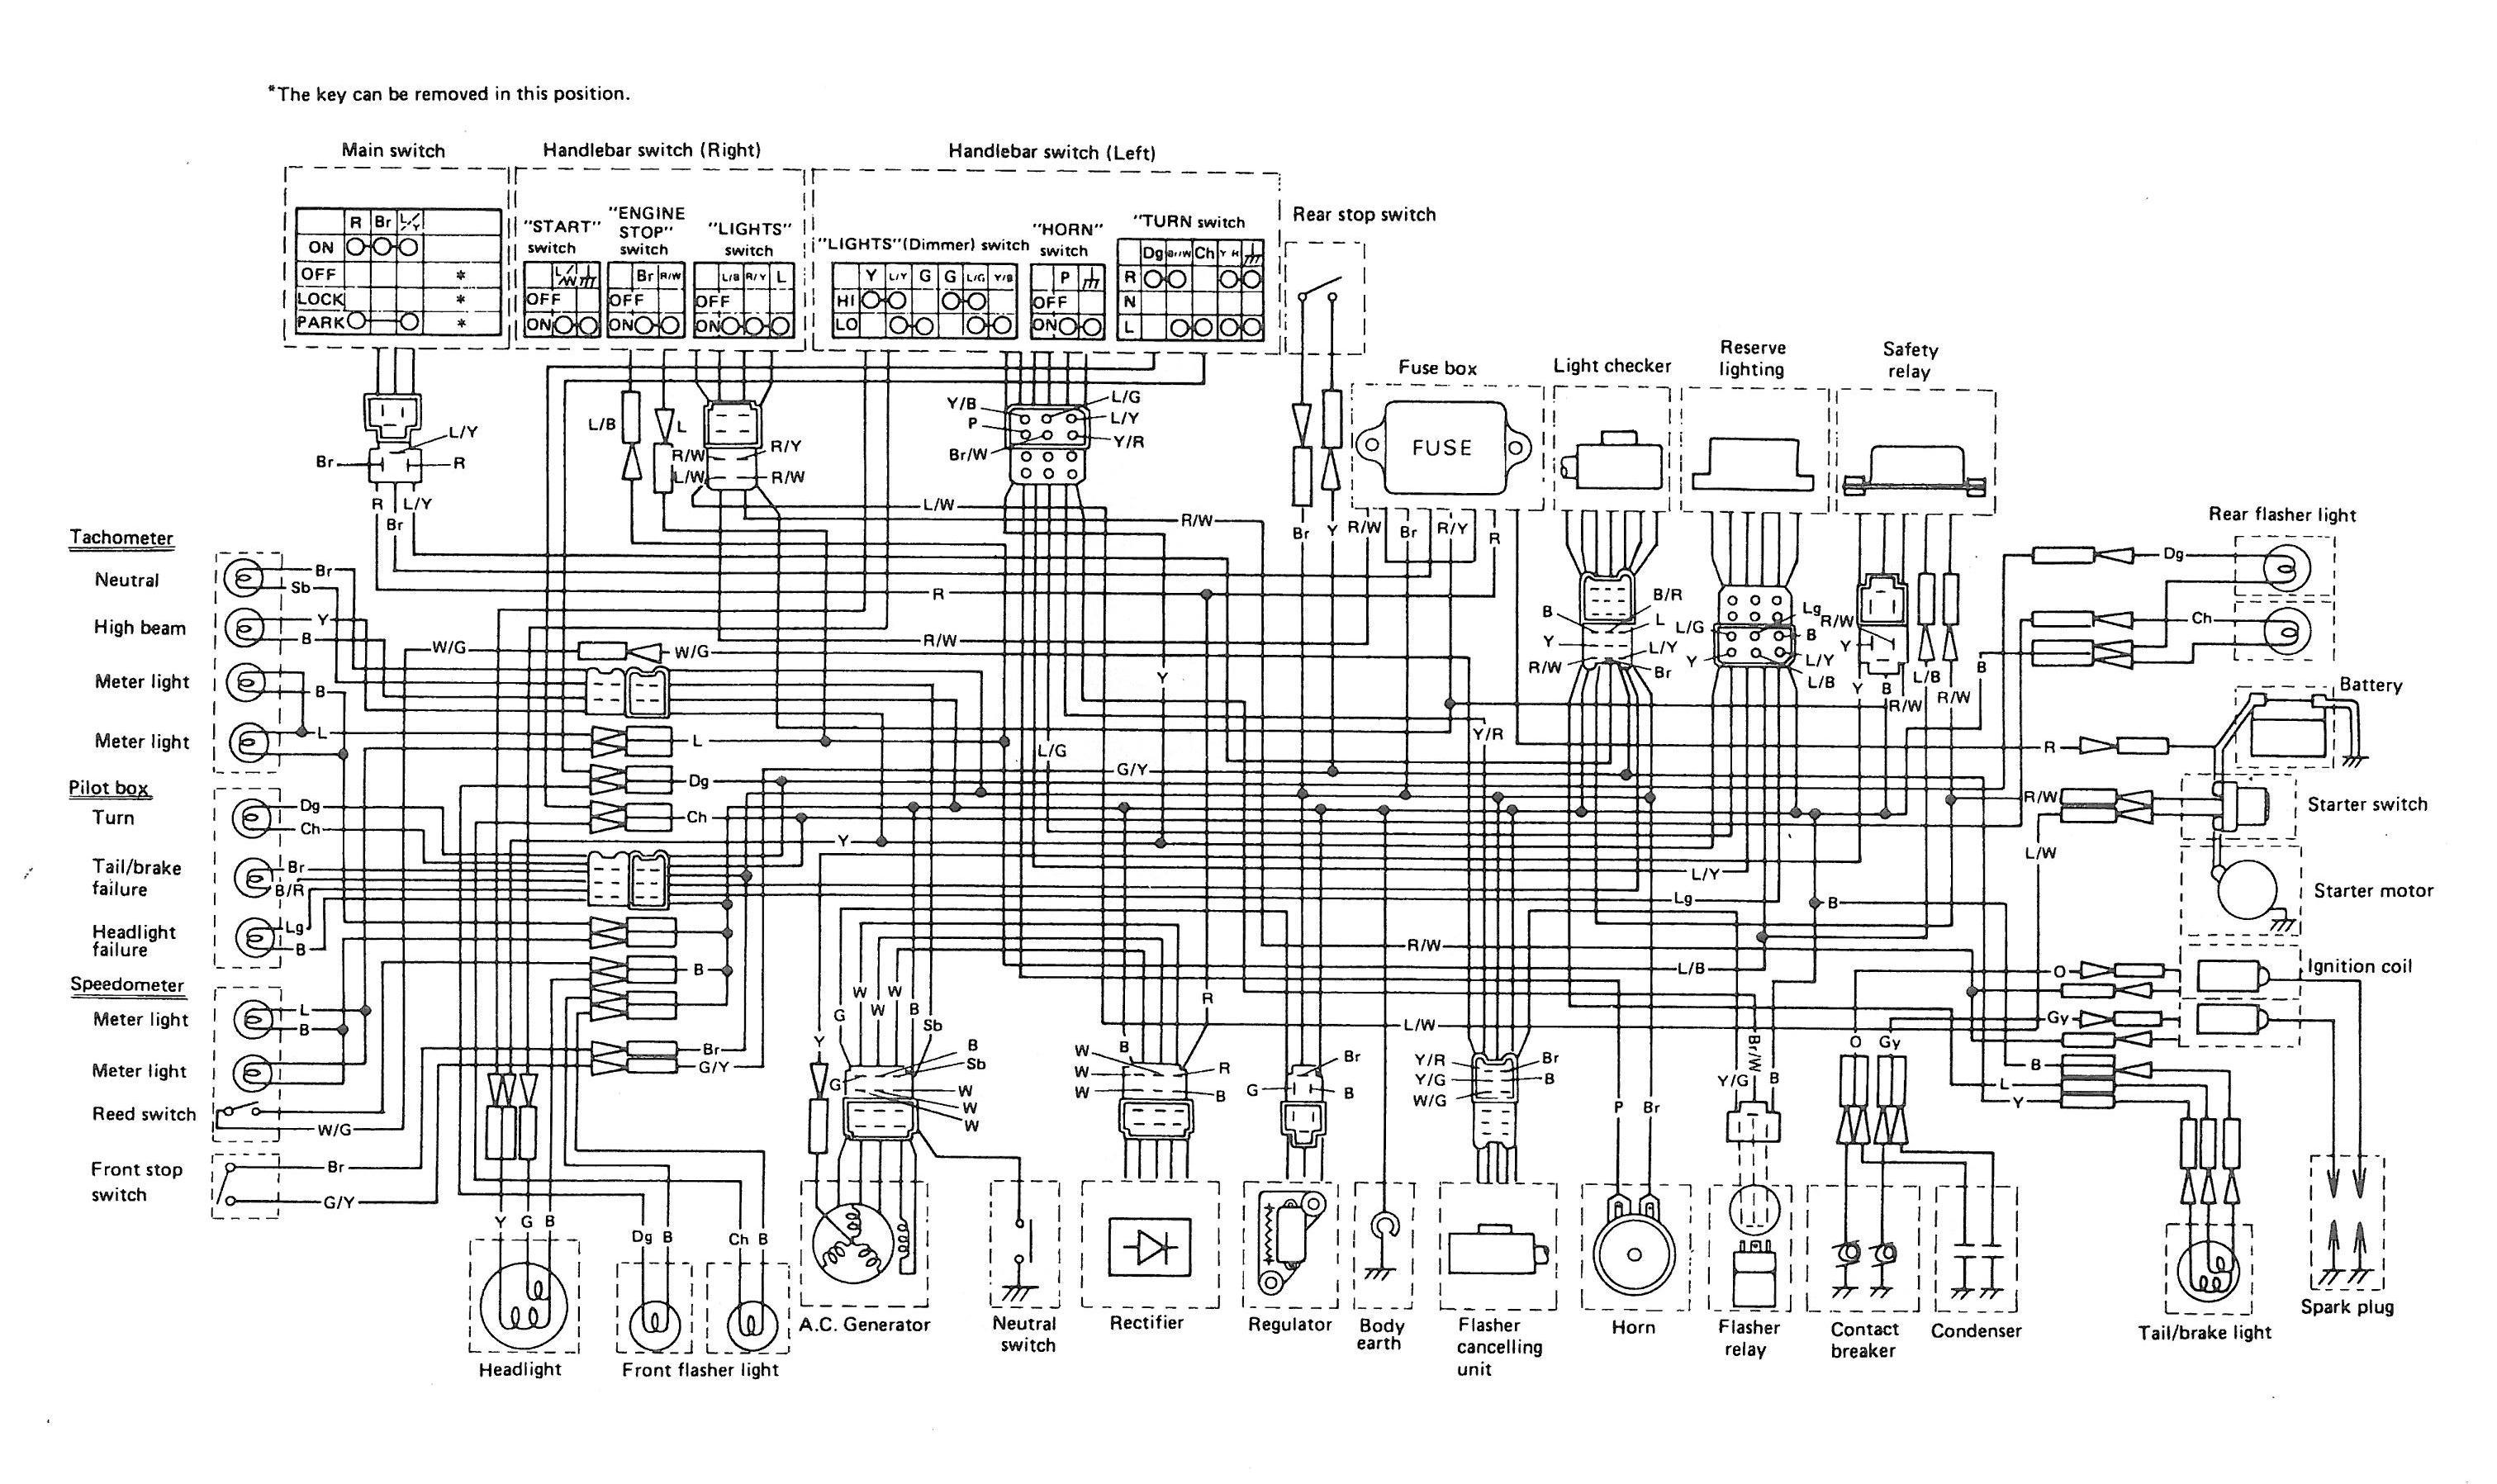 DIAGRAM] 1978 Xs650 Wiring Diagram Schematic FULL Version HD Quality Diagram  Schematic - DIAGRAMOF.COOPERATIVALAFENICE.ITCooperativa Fenice